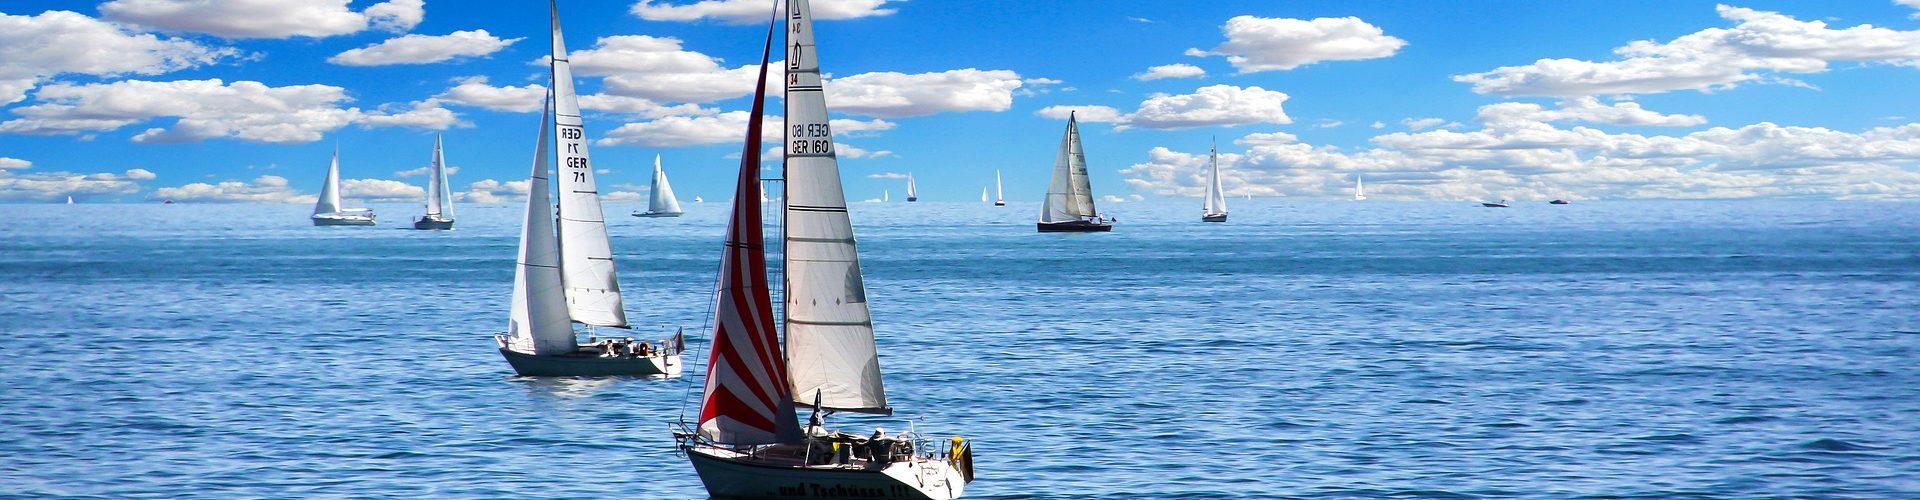 segeln lernen in Goyatz segelschein machen in Goyatz 1920x500 - Segeln lernen in Goyatz